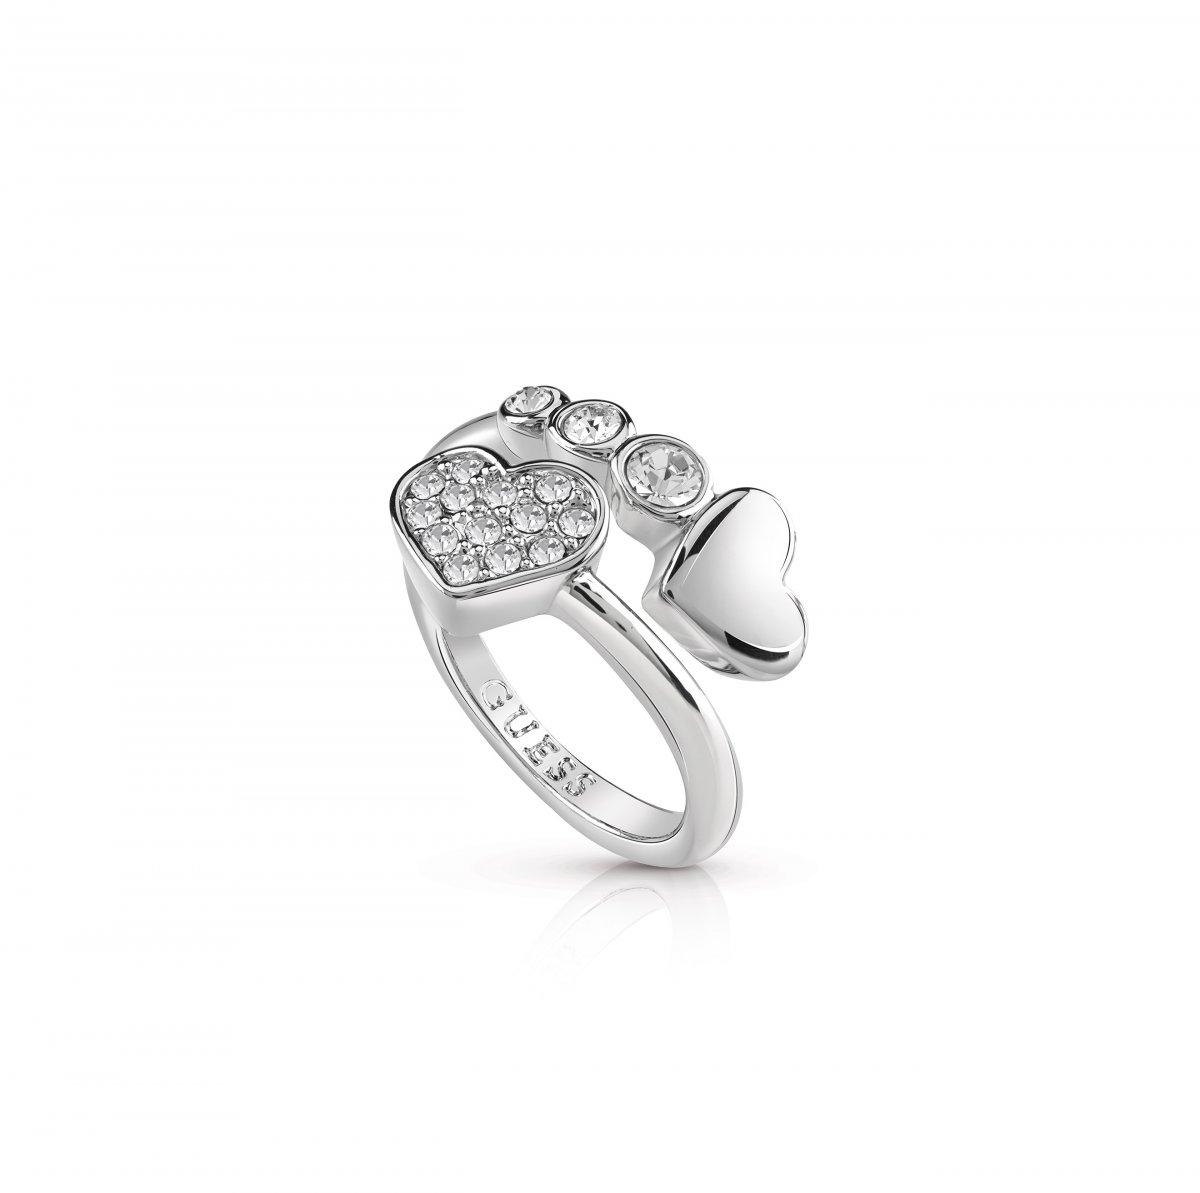 Strieborný prsteň GUESS so srdiečkami